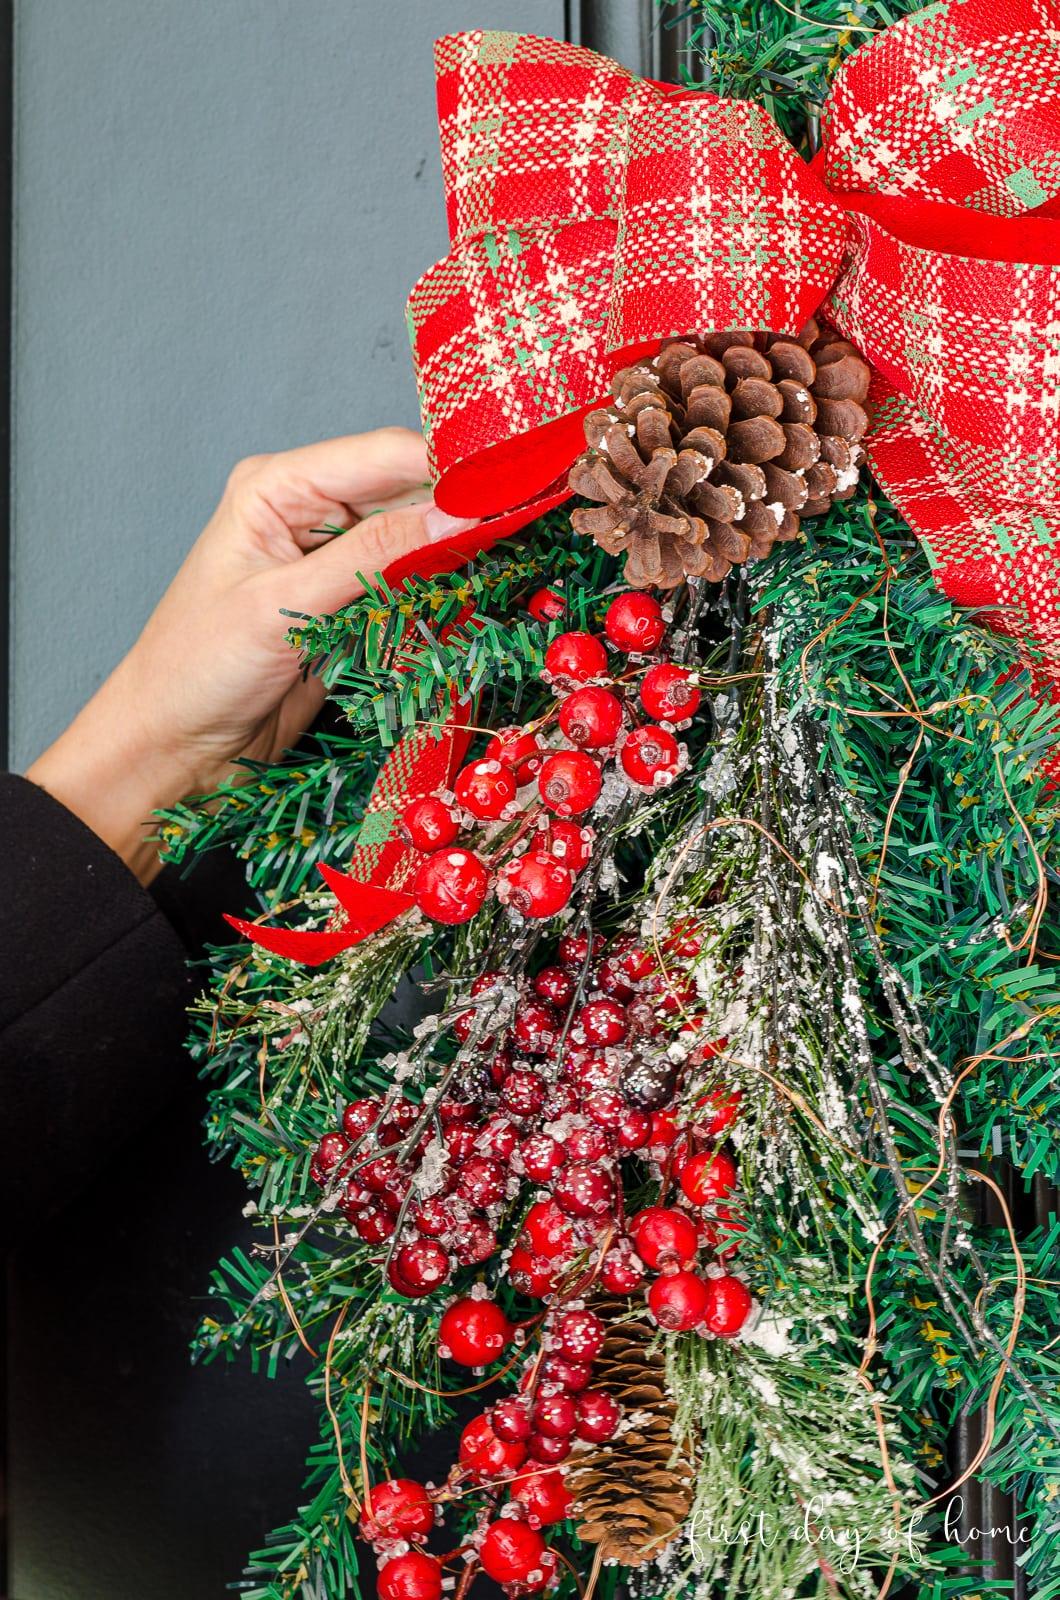 Hanging Christmas door swag on front door